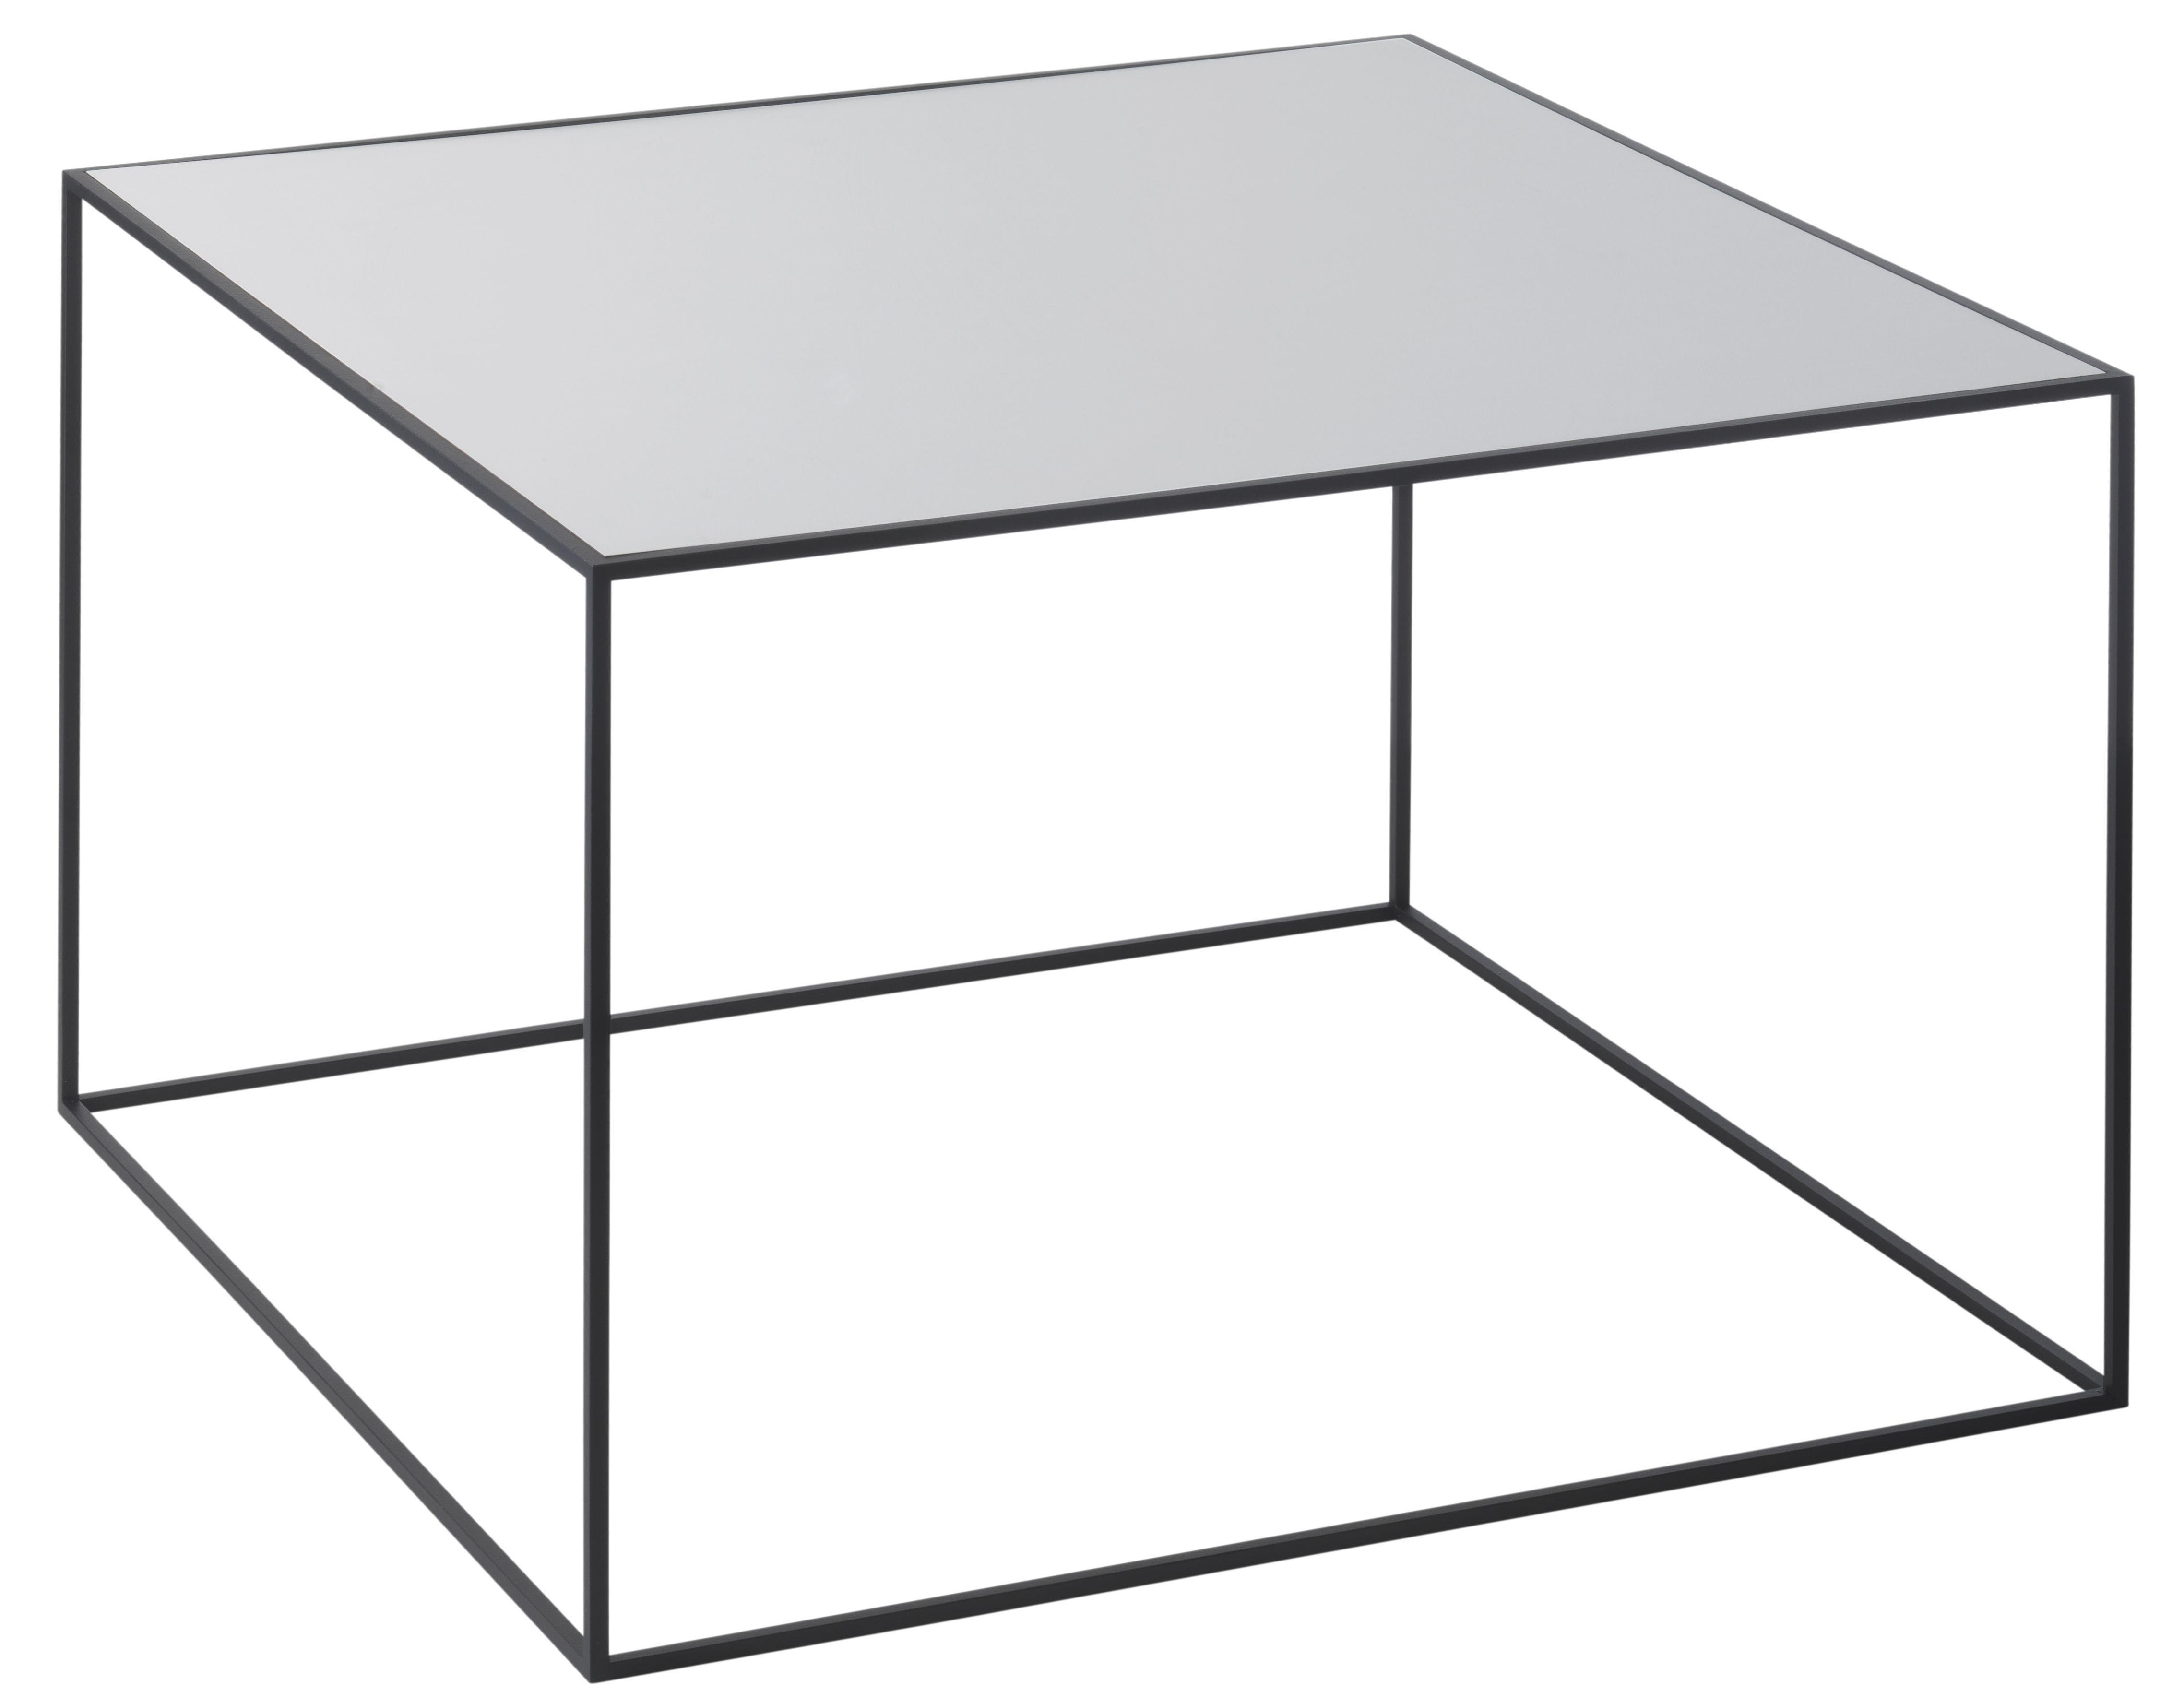 Arredamento - Tavolini  - Tavolino d'appoggio Twin - / L 49 x H 35 cm - Piano reversibile di by Lassen - L 49 cm /  1 lato grigio + 1 lato nero - Acciaio laccato, Frassino tinto, Melamina